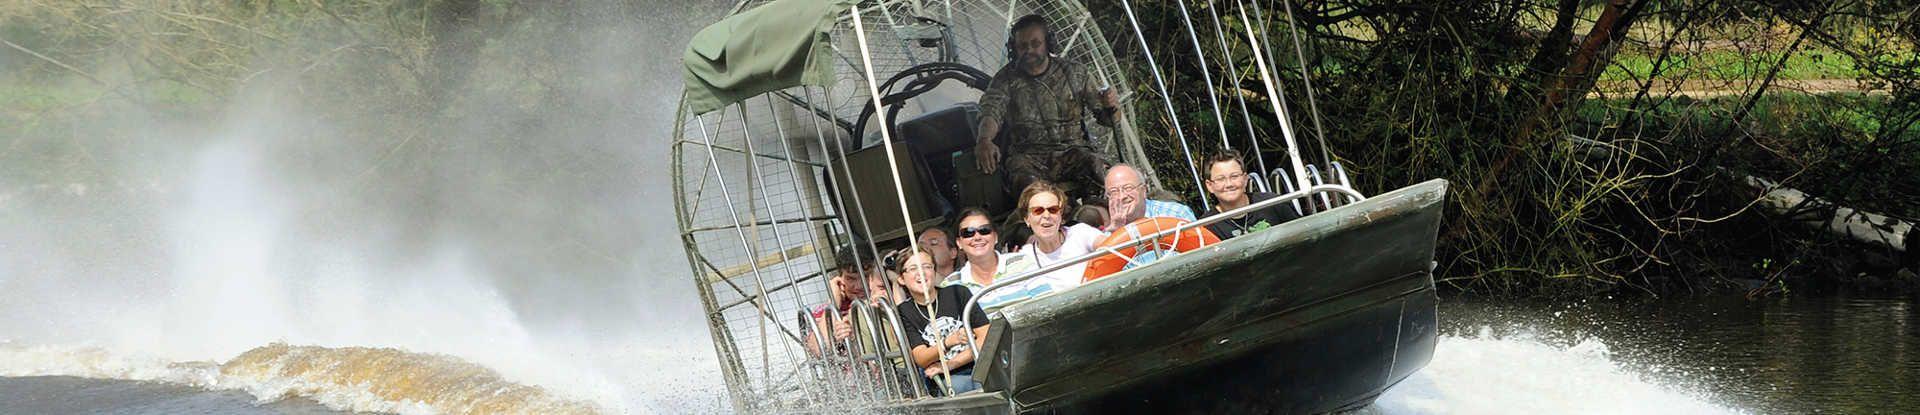 Aquasafari im Serengeti-Park